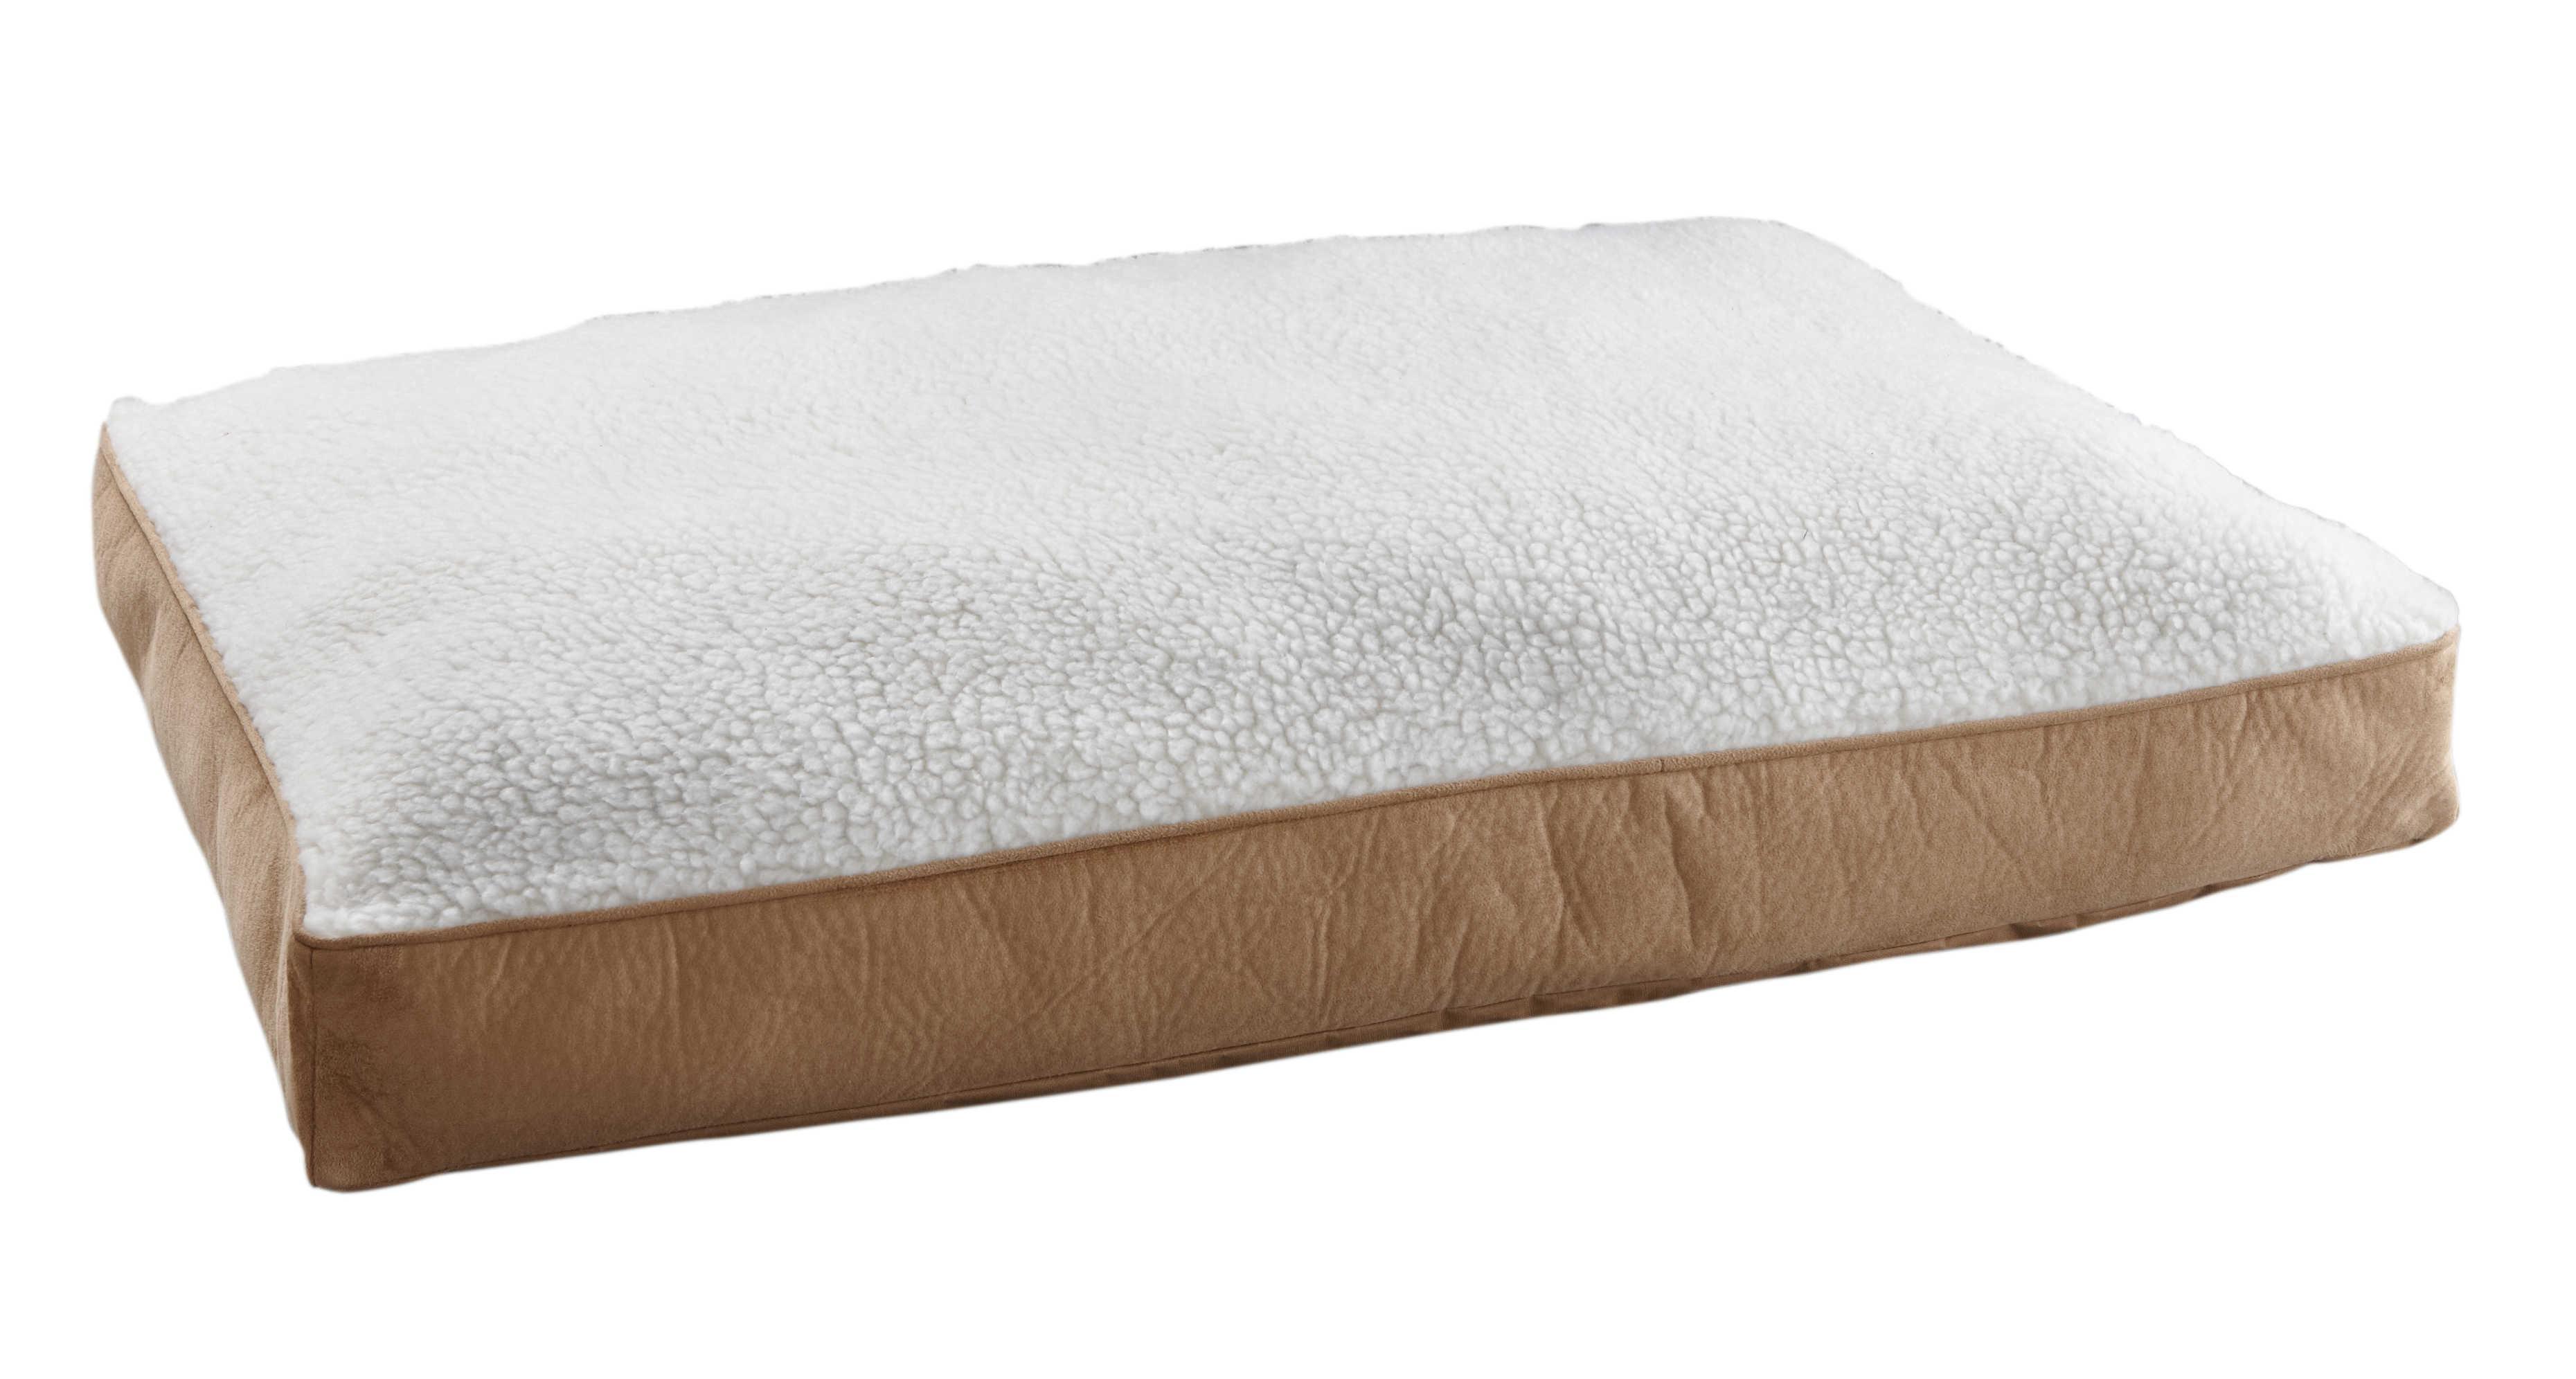 Large Sherpa Dog Beds